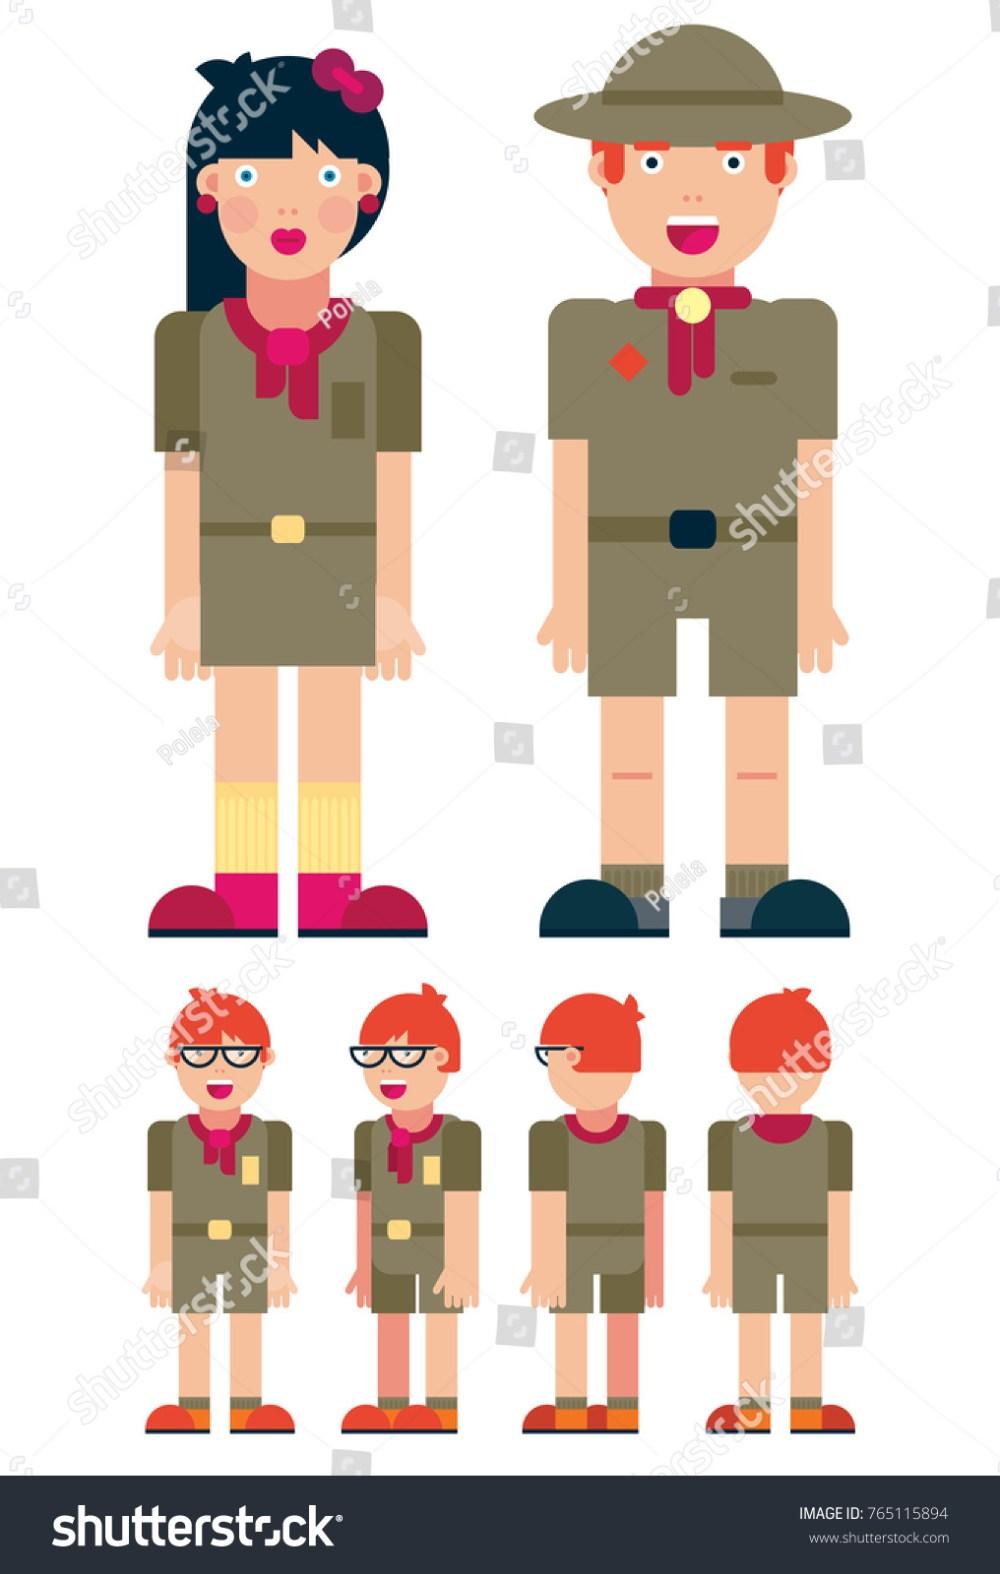 medium resolution of boy scout cartoon set full length different views clip art vector illustration